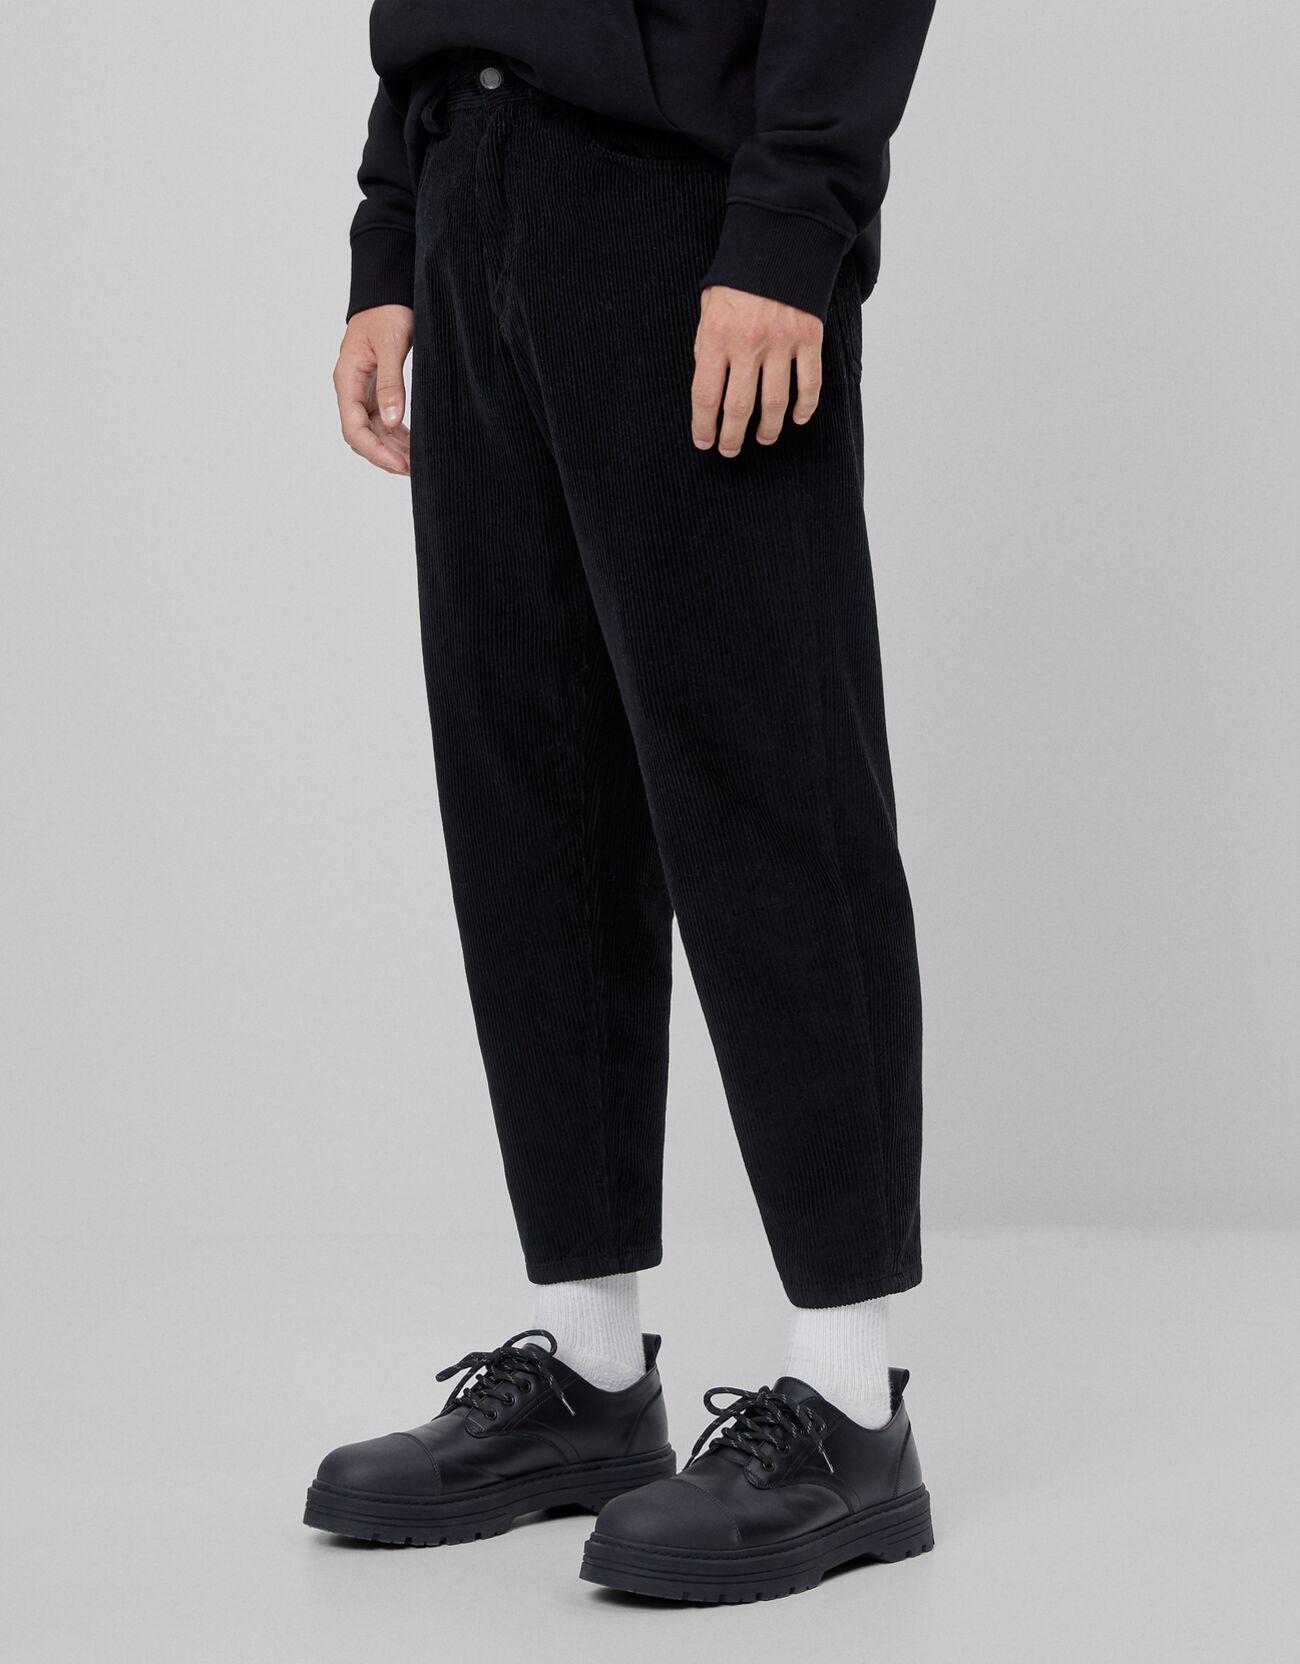 Вельветовые брюки Conan Gray x Bershka